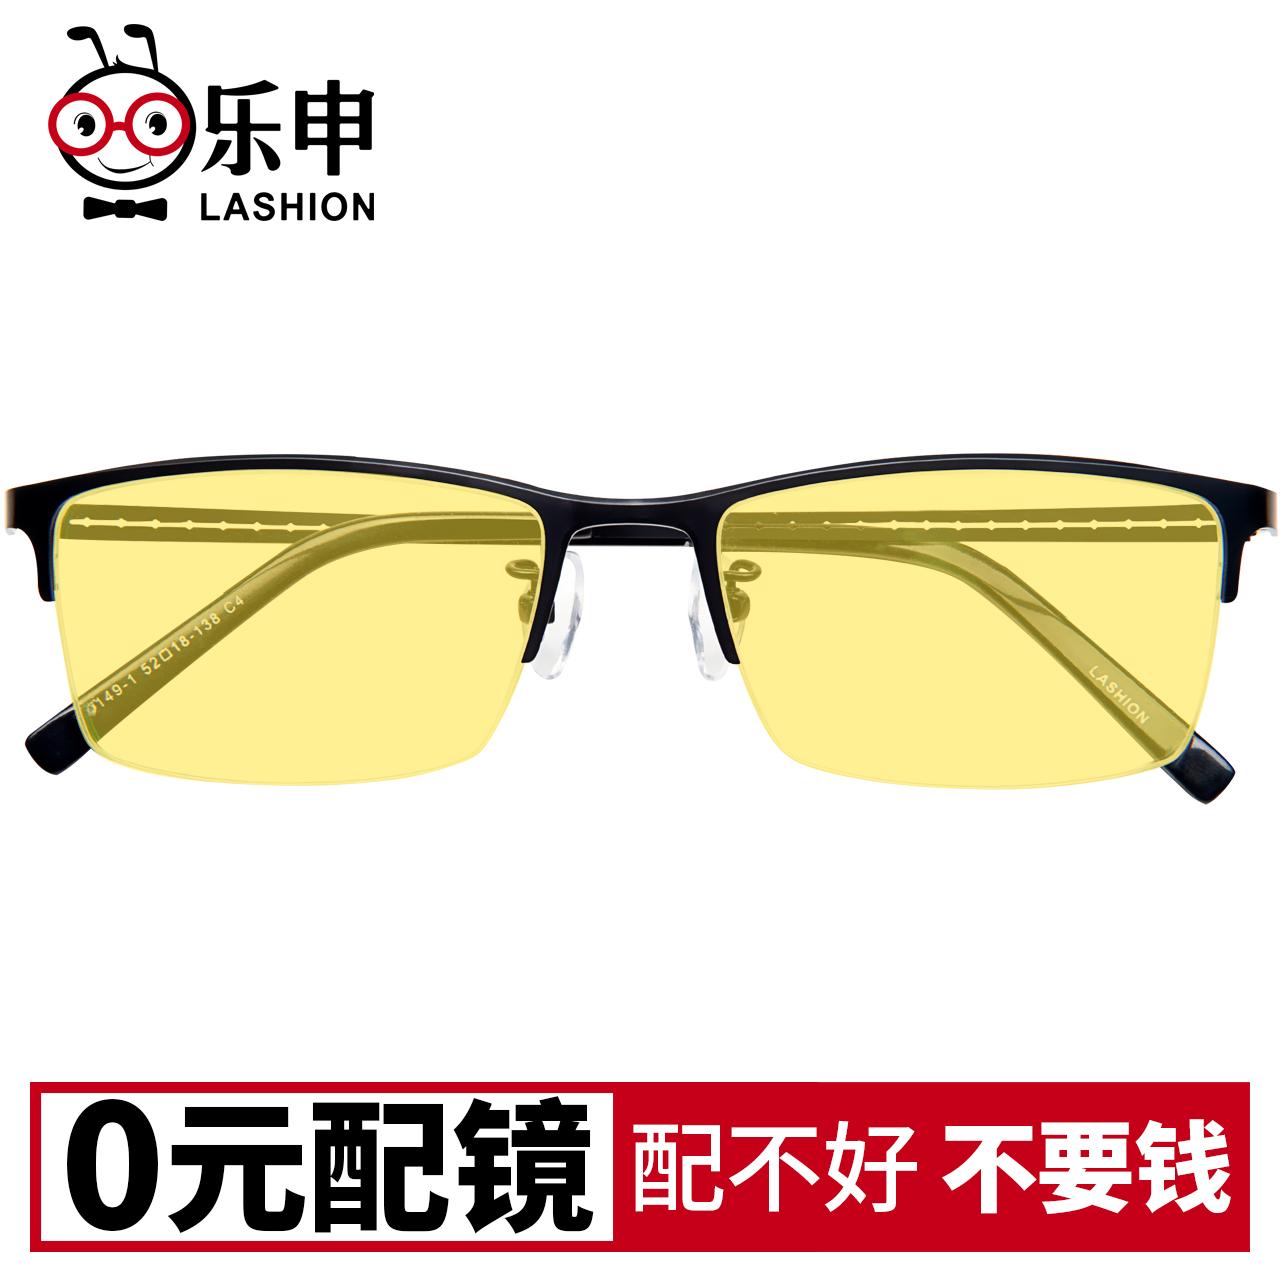 lashion 乐申 6149 防蓝光 电竞镜/近视镜